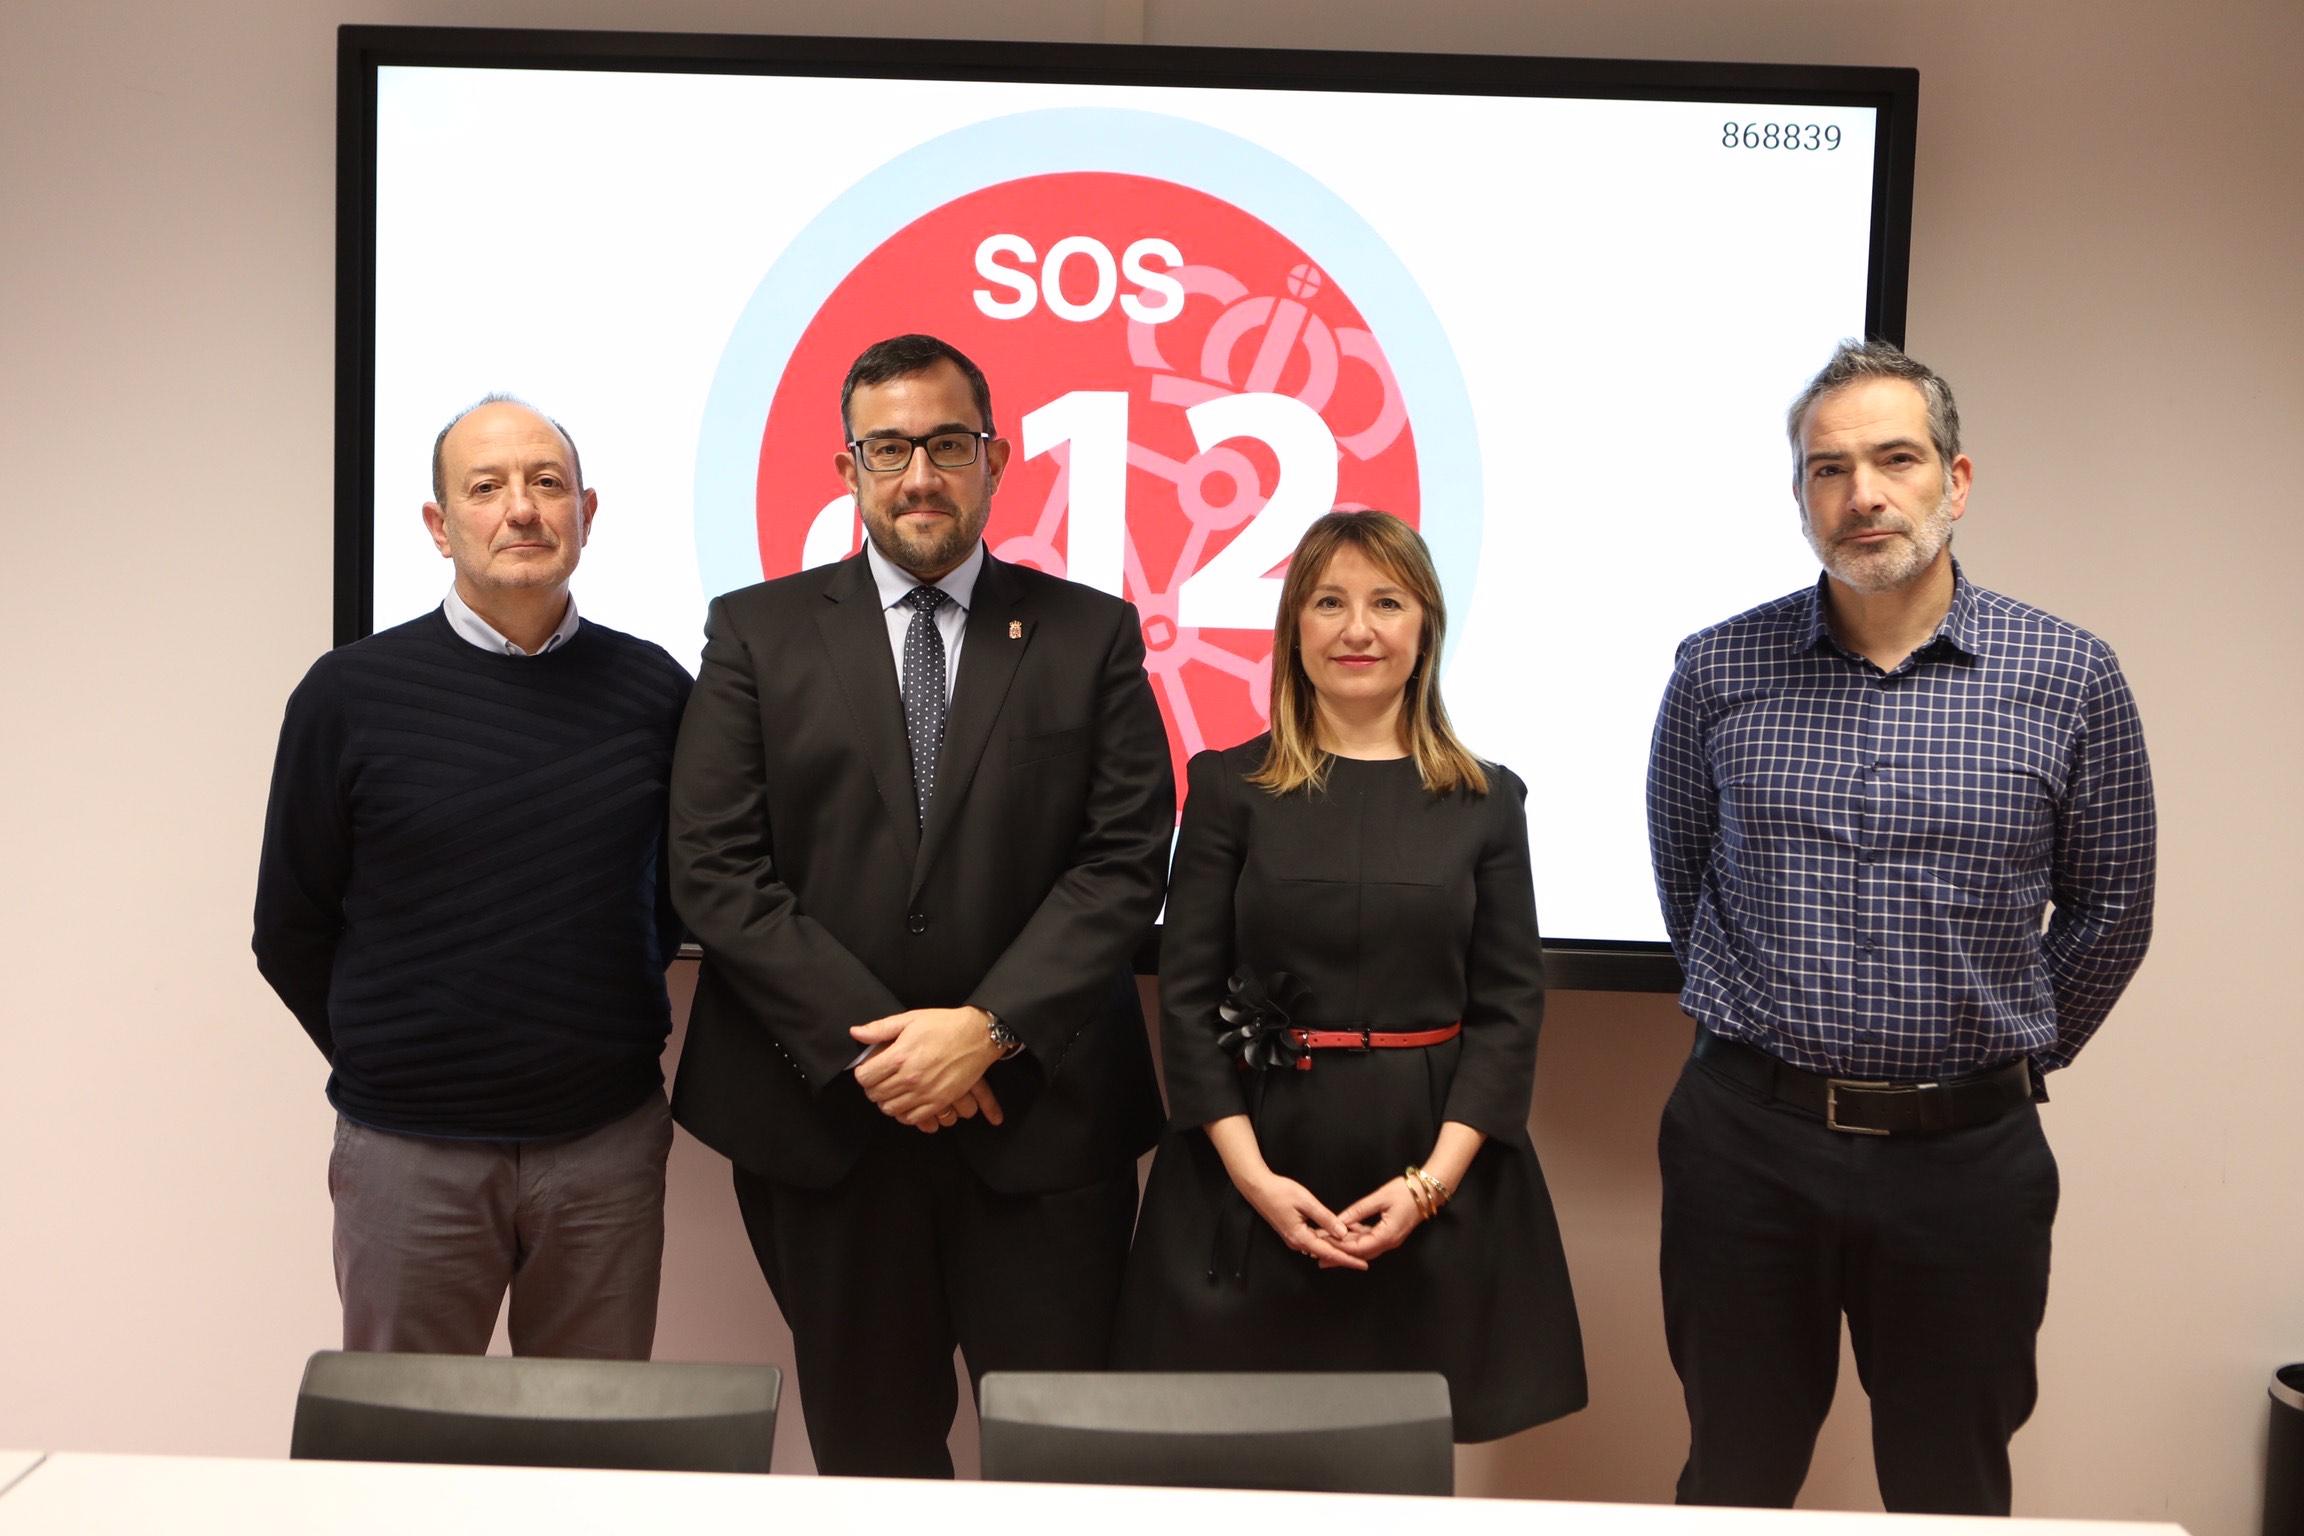 SOS Navarra coordinó la gestión de 333.331 incidentes en 2019, que requirieron 206.070 movilizaciones de servicios de asistencia y socorro